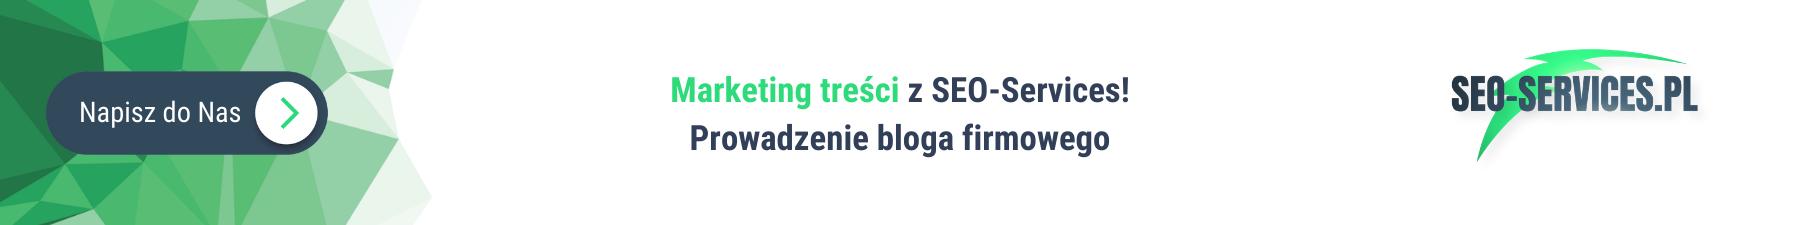 Marketing treści z SEO-Services